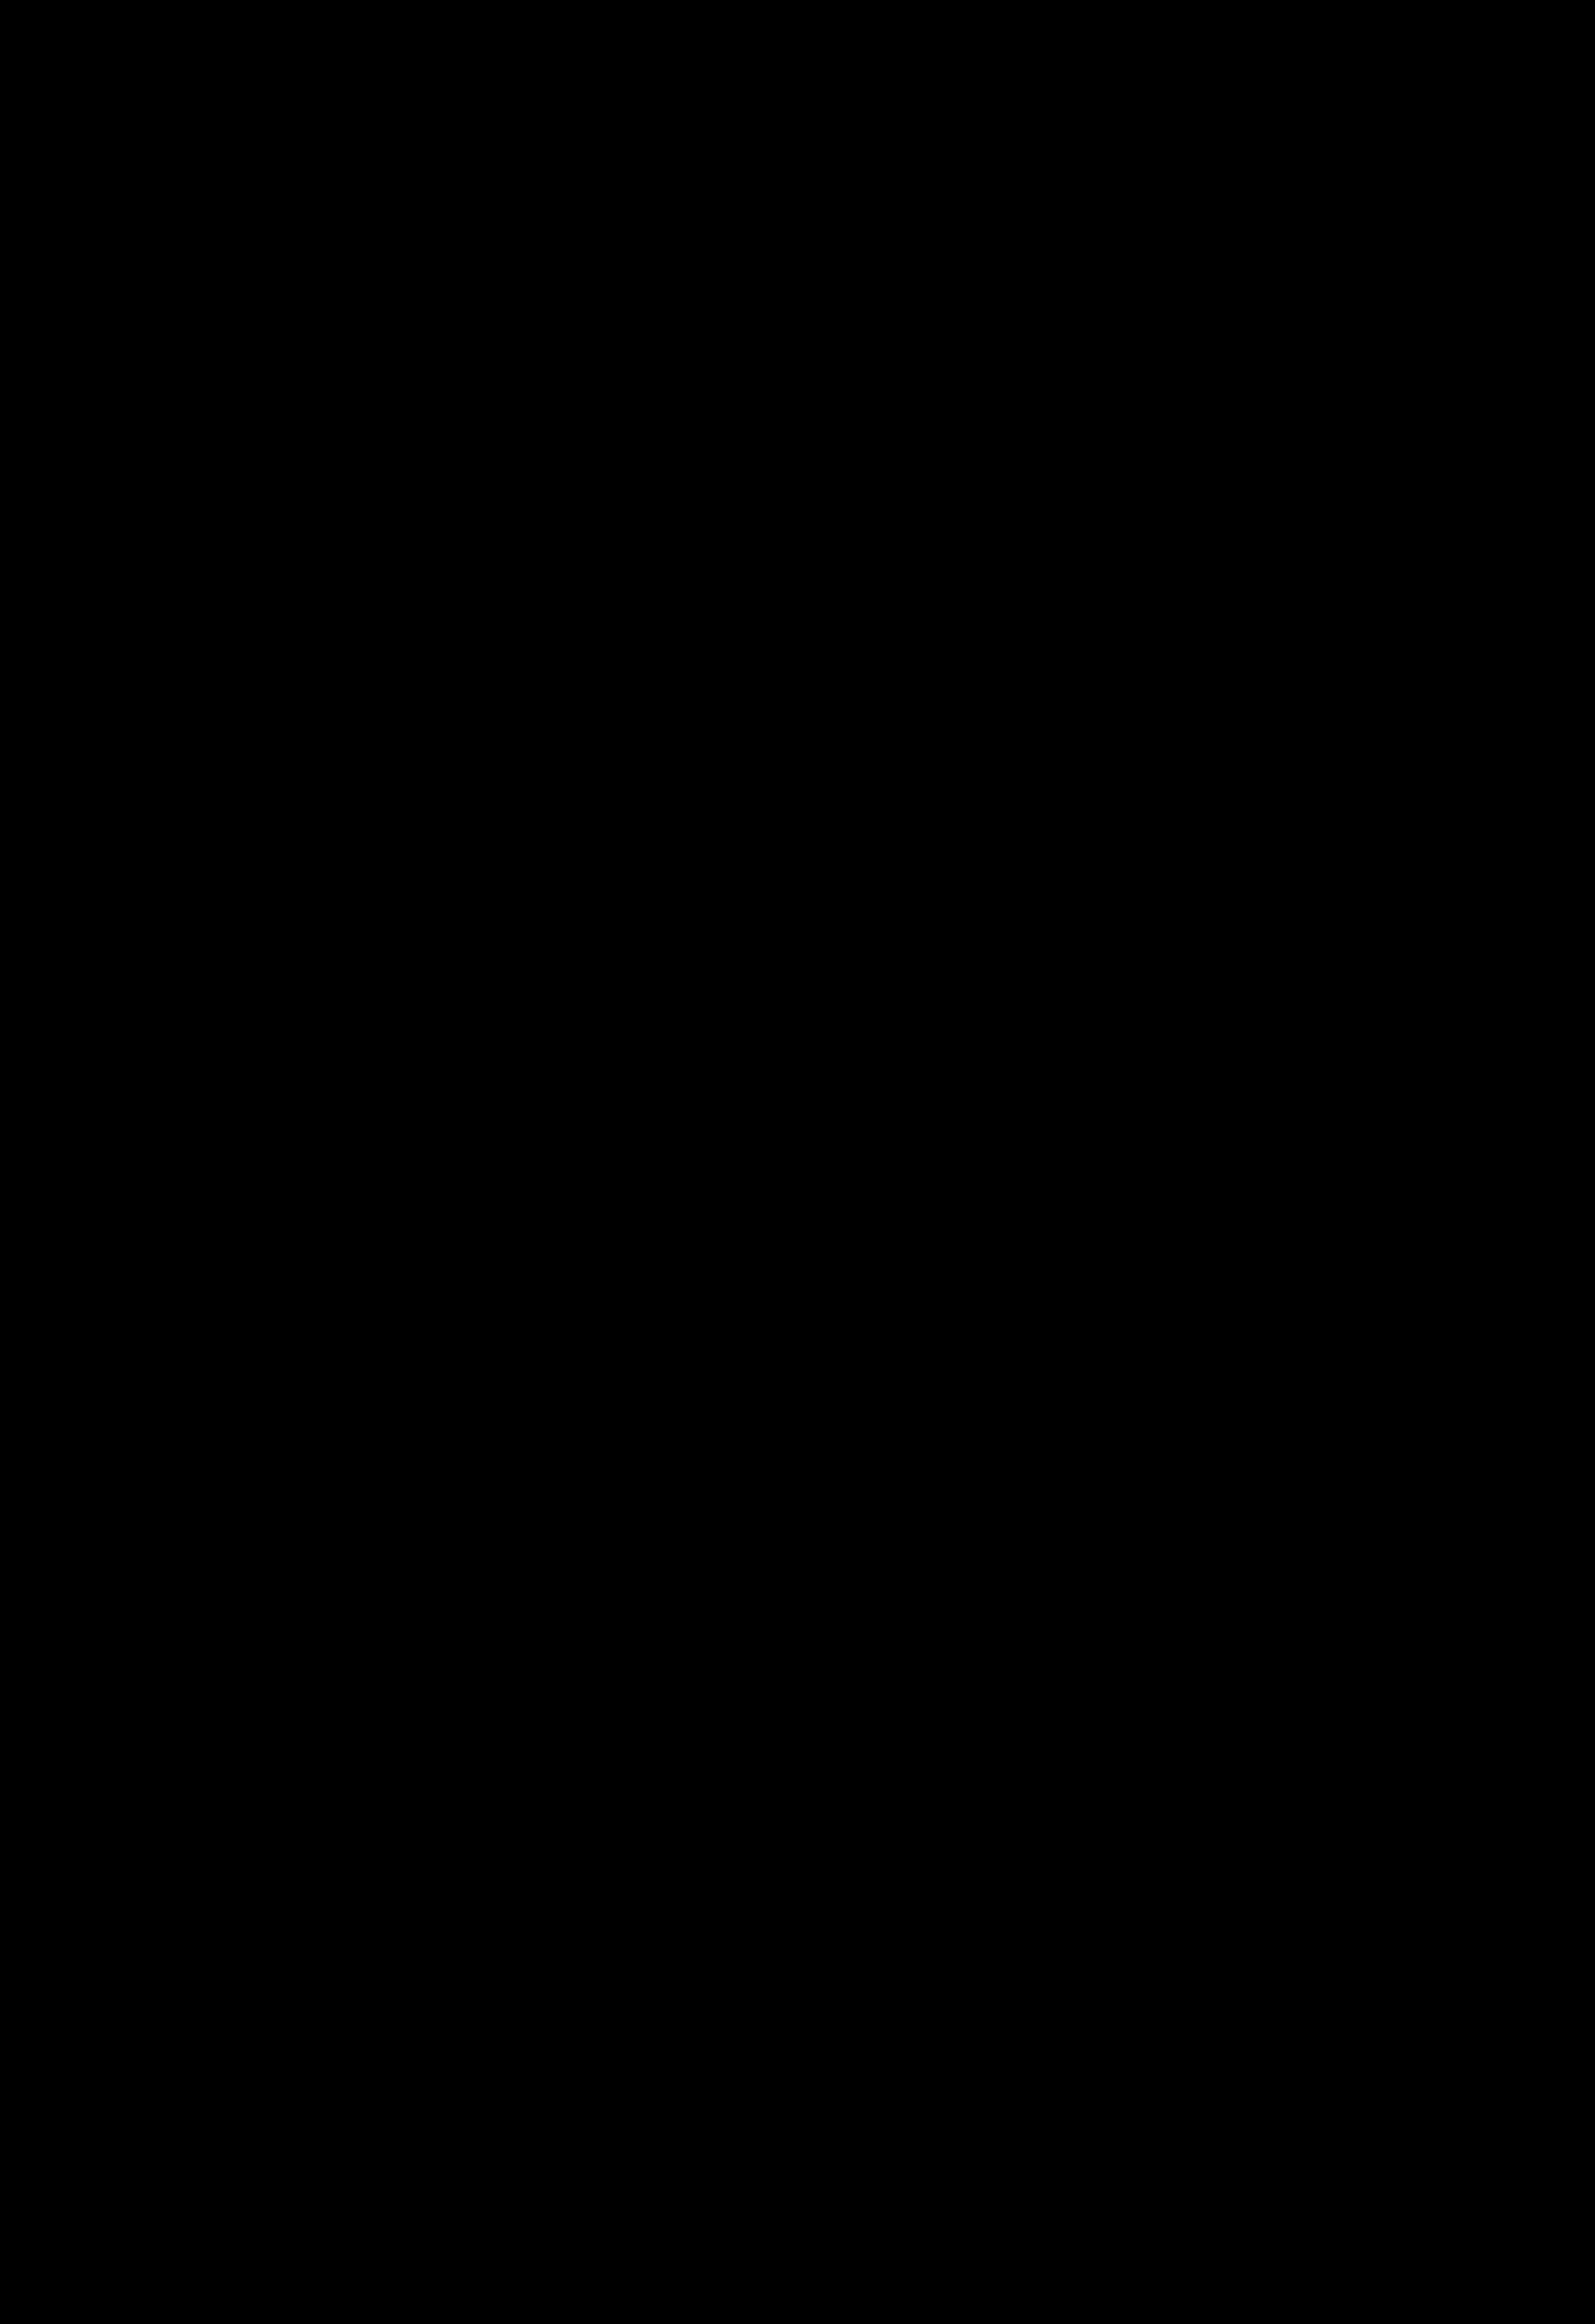 TÖRTÉNELMI SORSFORDULÓK - AZ I. VILÁGHÁBORÚ A MAGYAR IRODALOMBAN